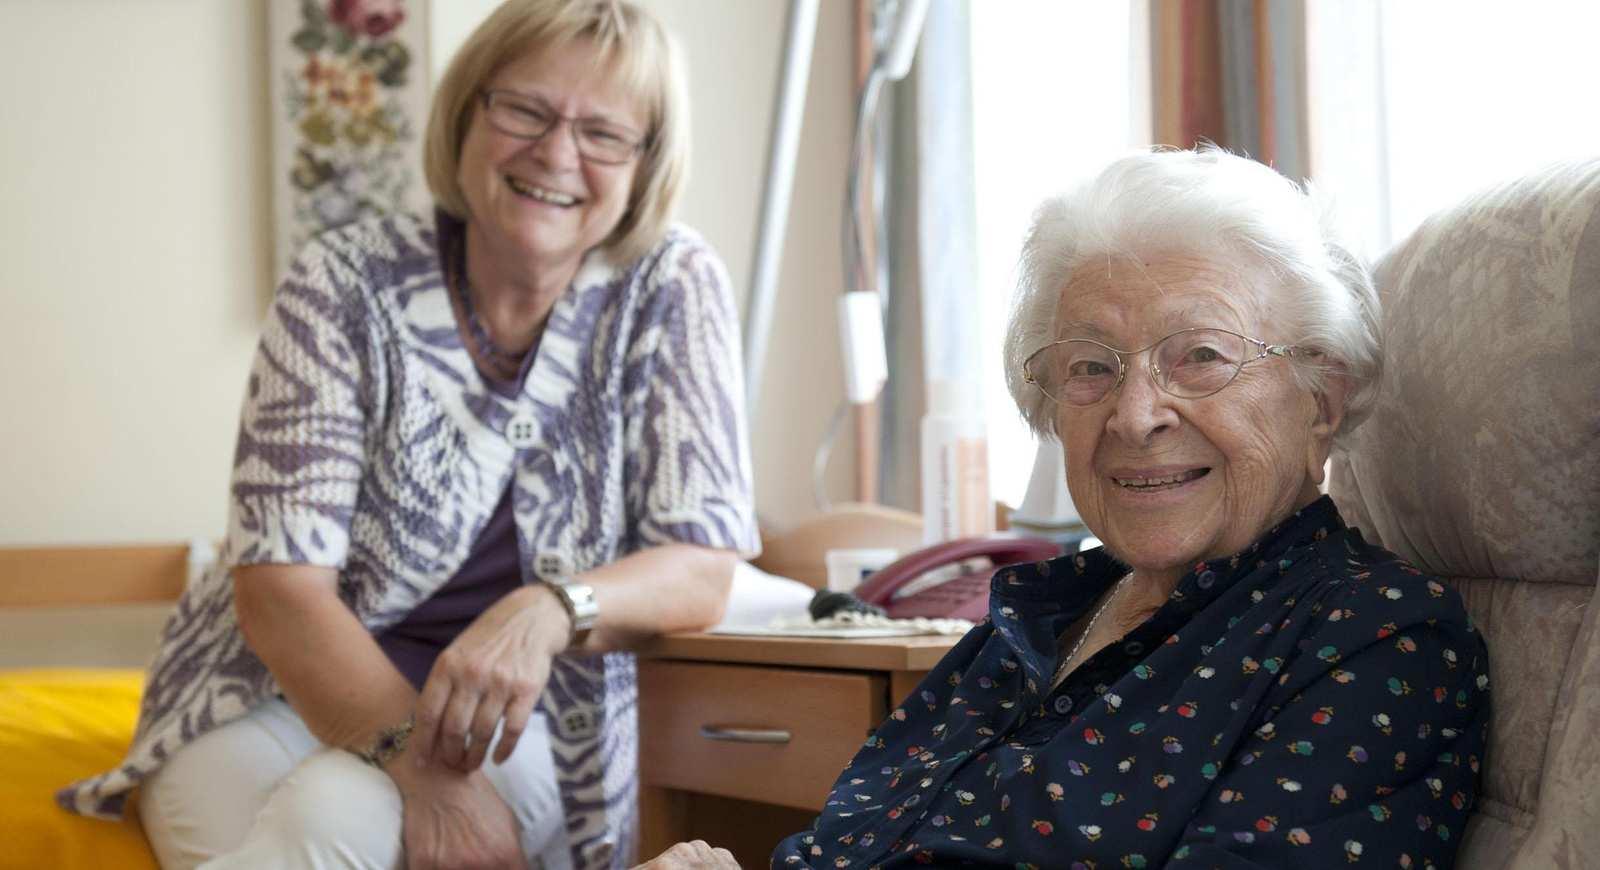 Zwei ältere Frauen mit Brillen sind in einem Wohnzimmer. Die eine Frau sitzt in einem Sessel, die andere neben ihr auf der Bettkannte.